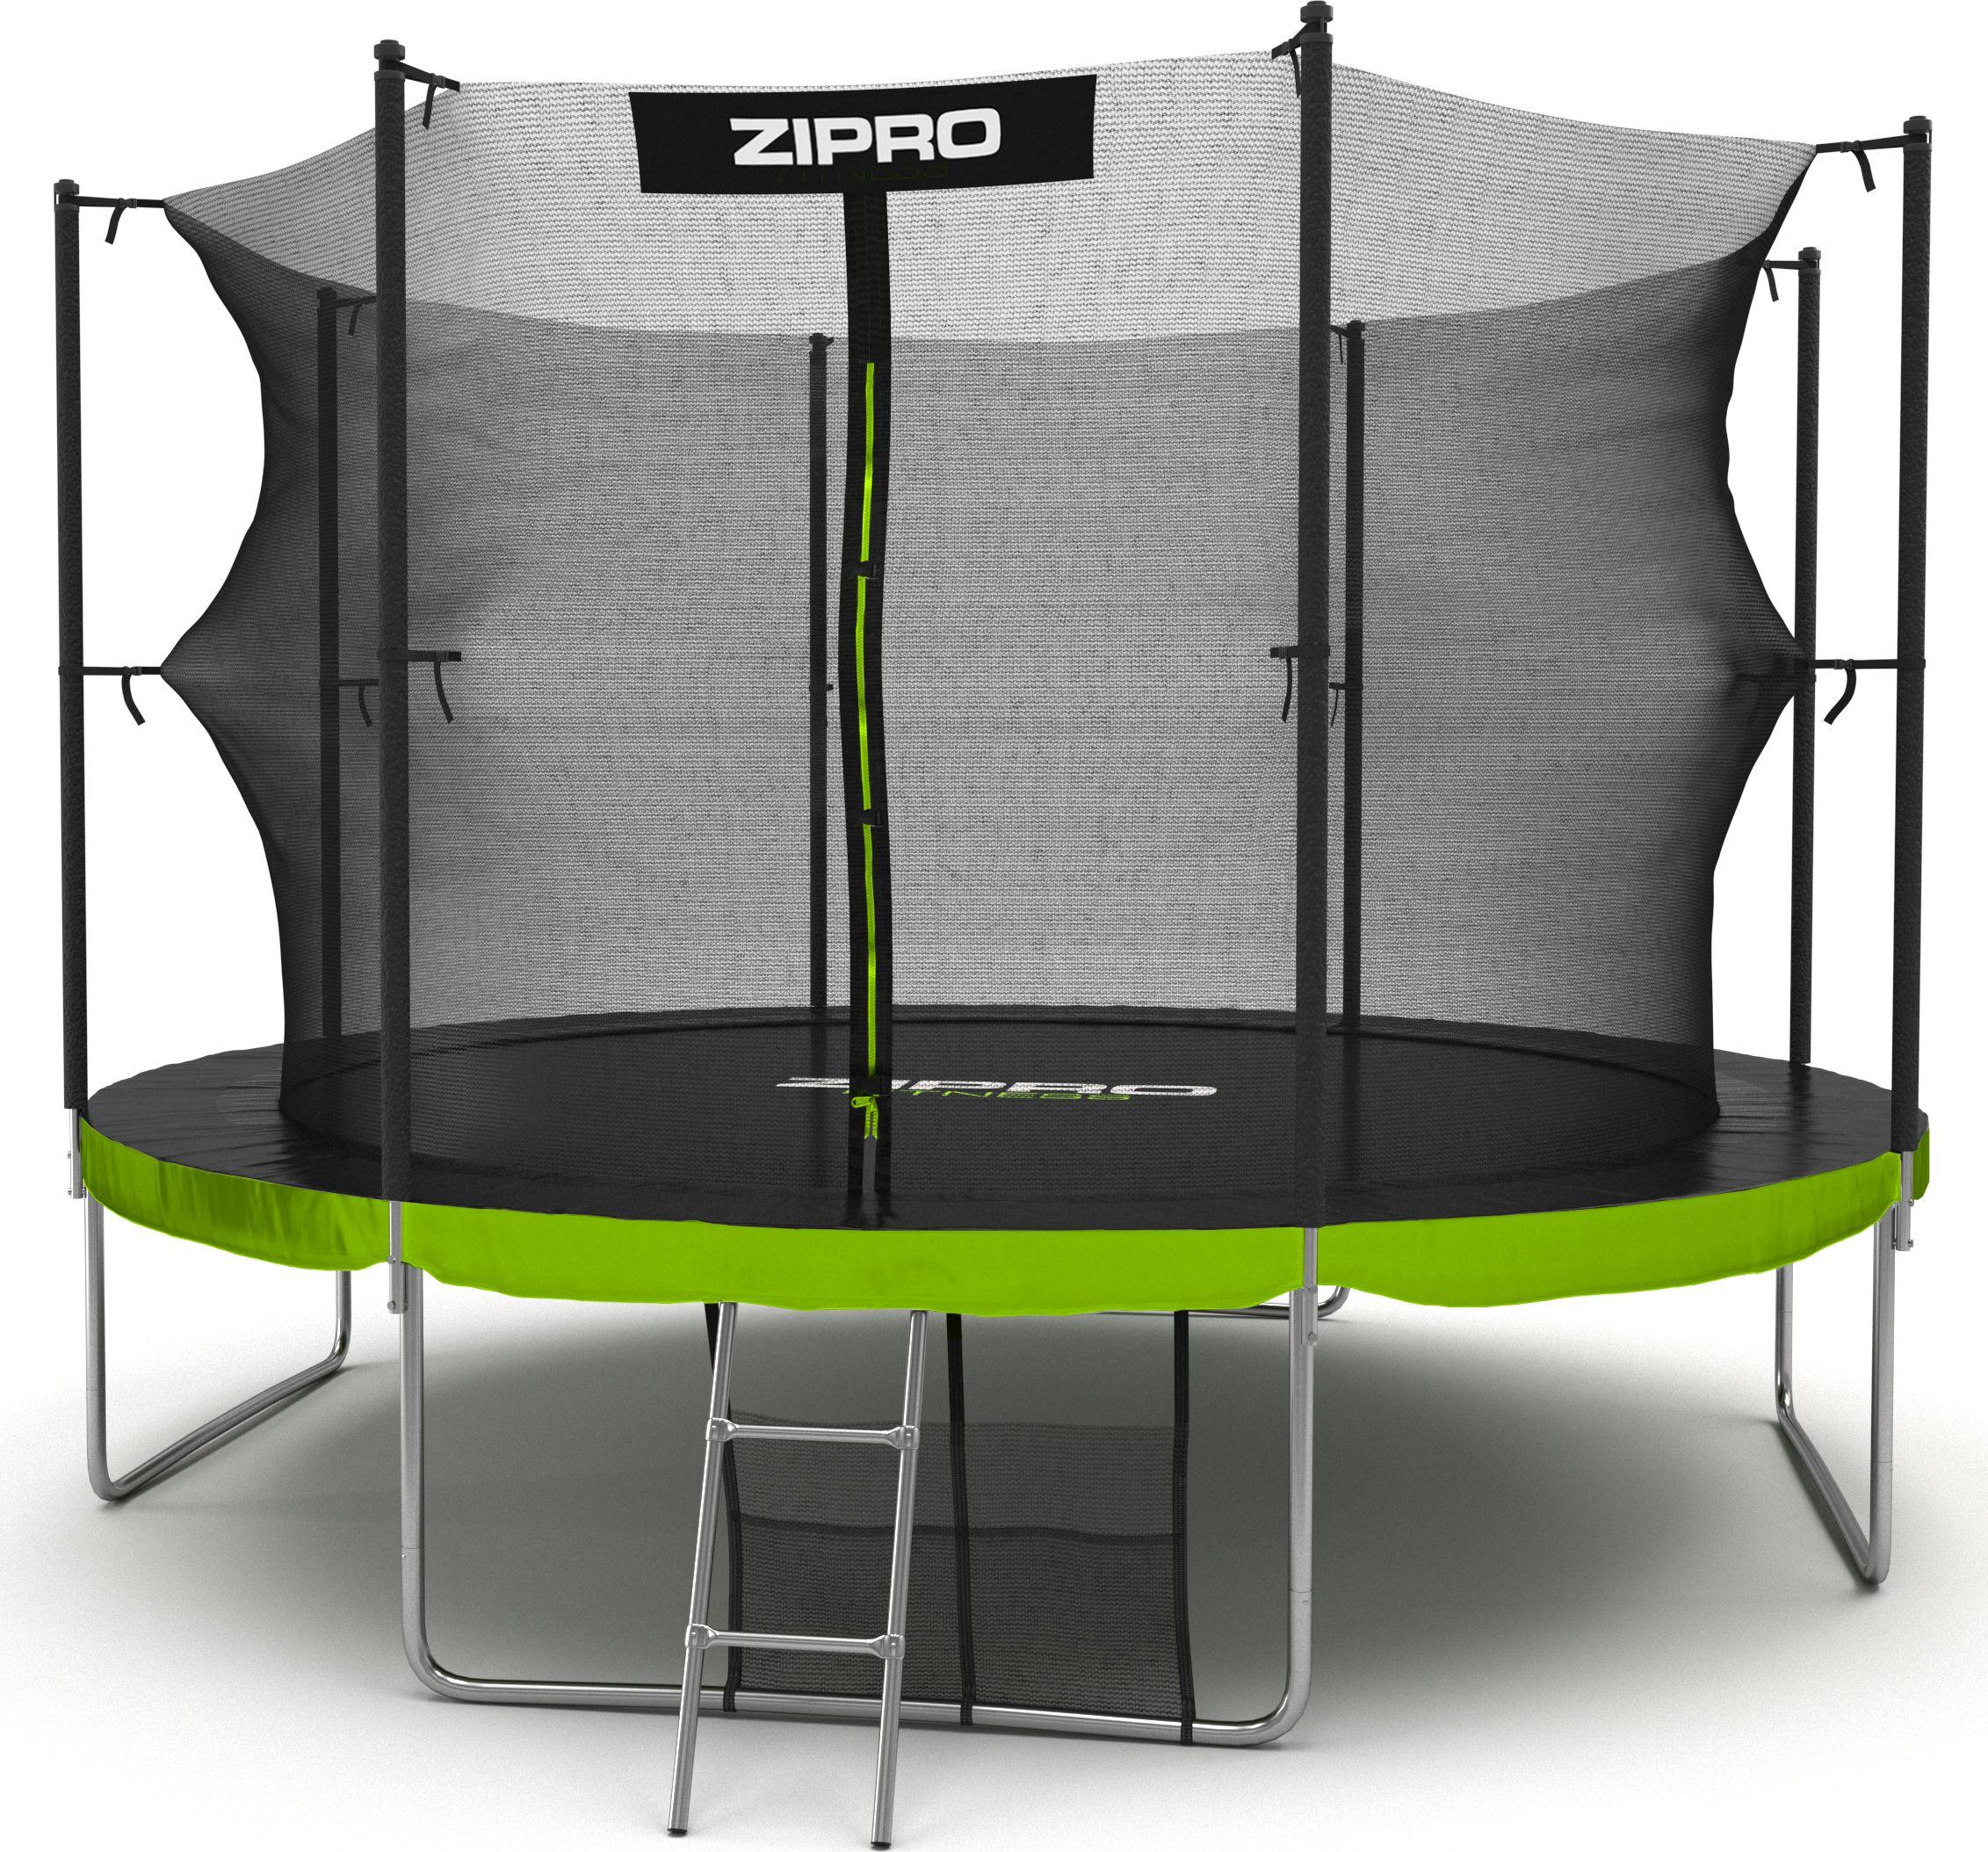 Zipro Garden trampoline with inner mesh 12FT 374cm + shoe bag for FREE! Batuts